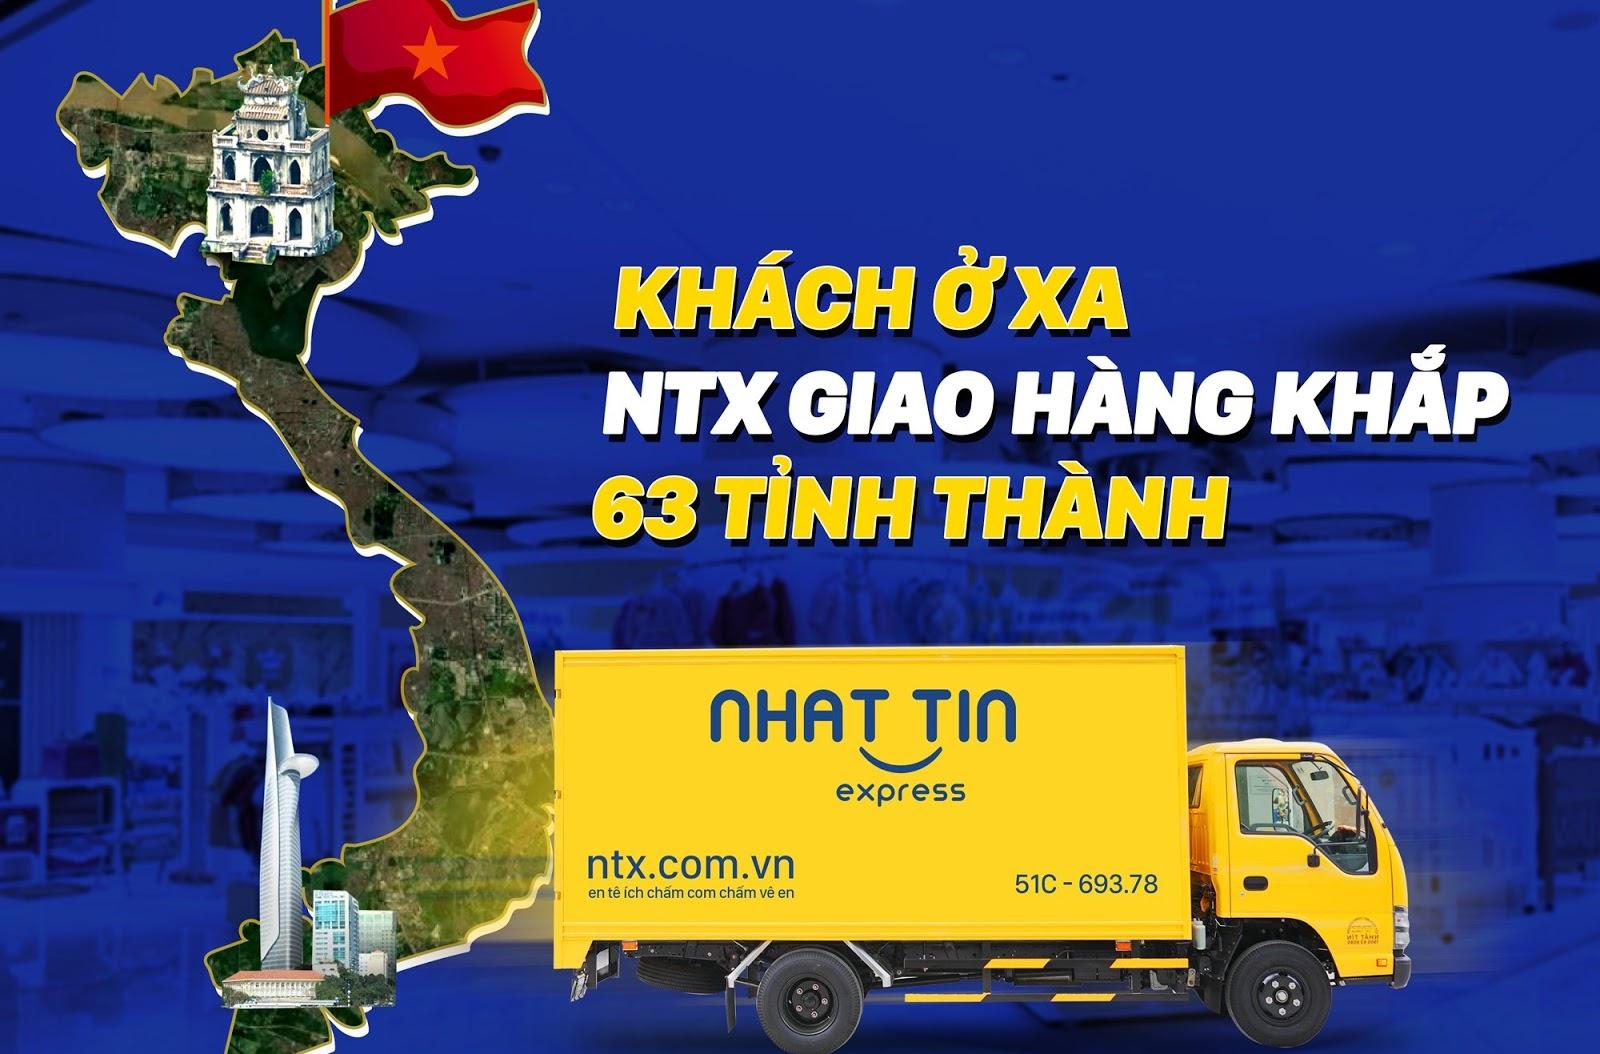 Dịch vụ ship COD (giao hàng thu tiền hộ) tại NTX - Nhất Tín Express